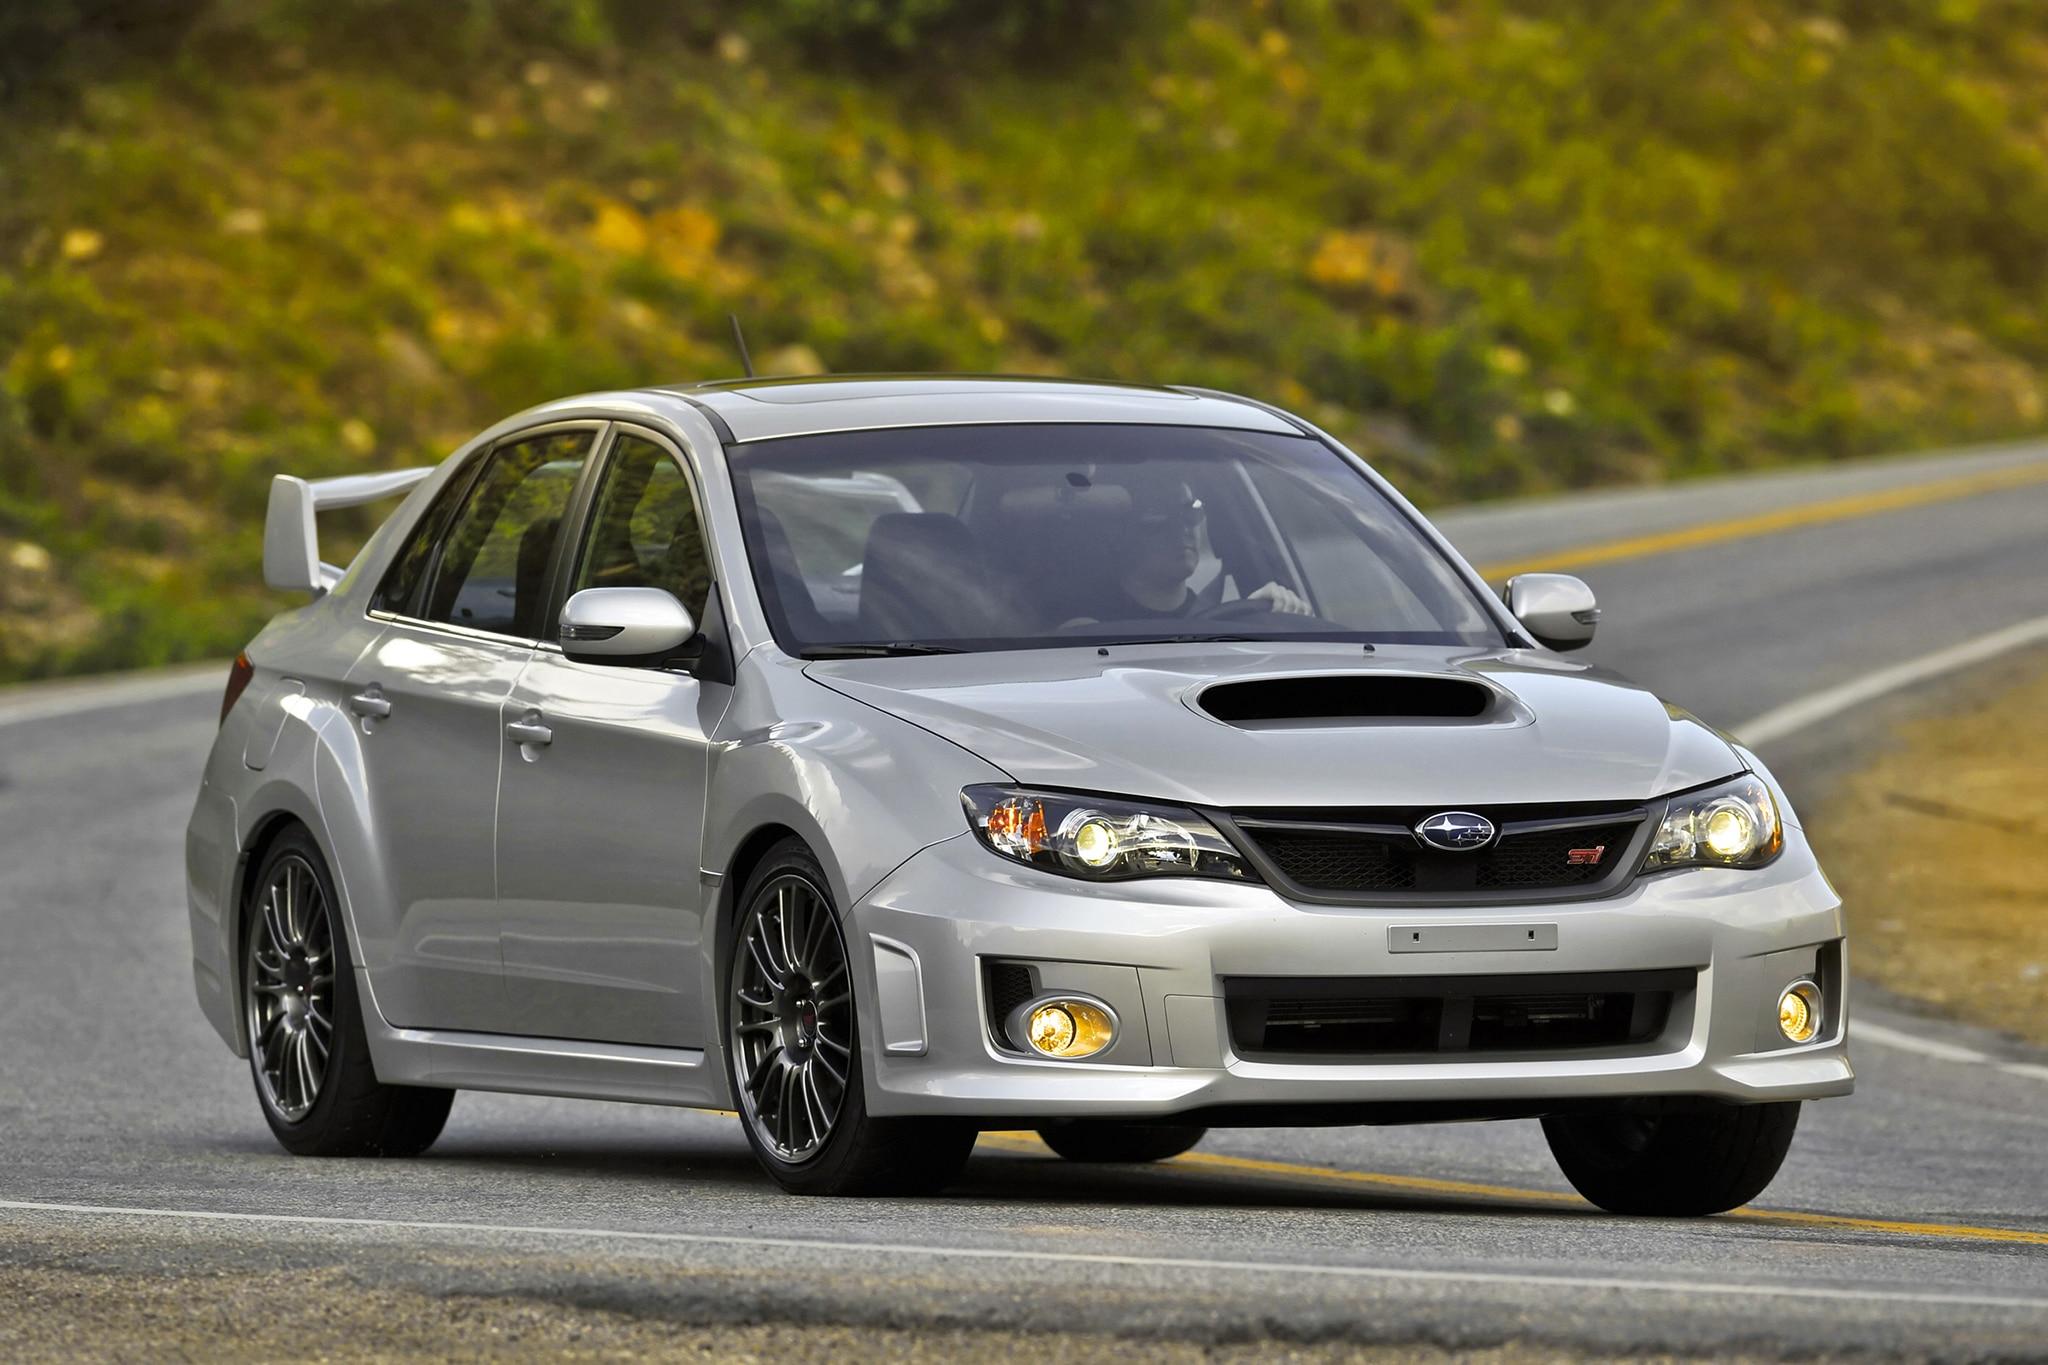 Subaru Recalls 660,000 Cars For Rusting Brake Lines